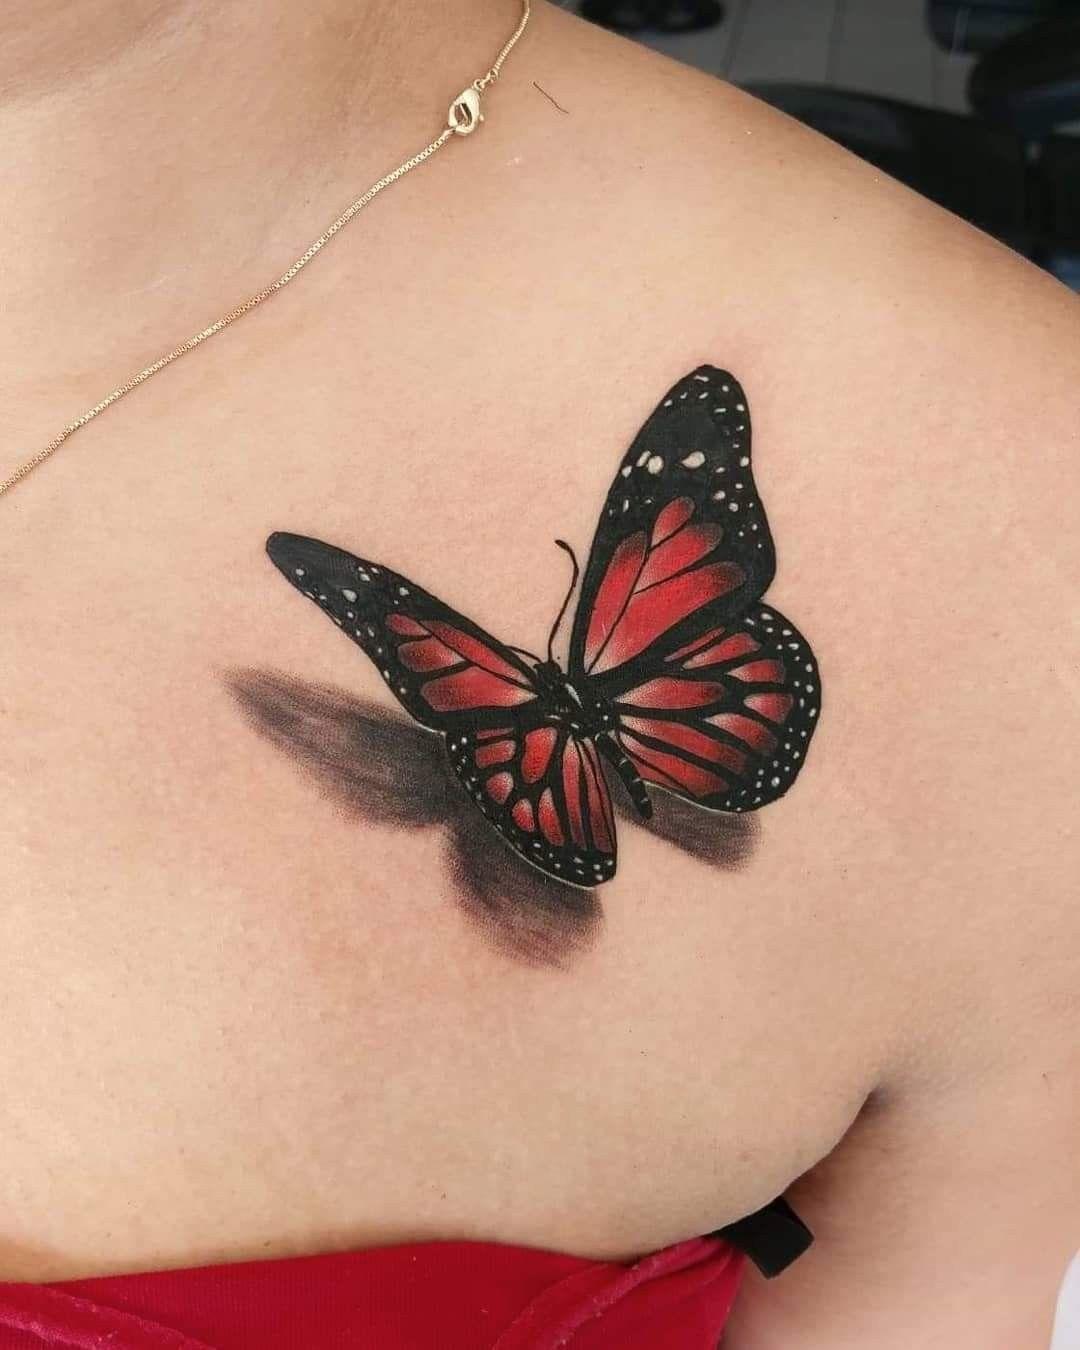 Mariposa 3d Tattoo Butterfly Wrist Tattoo Tattoos Small Chest